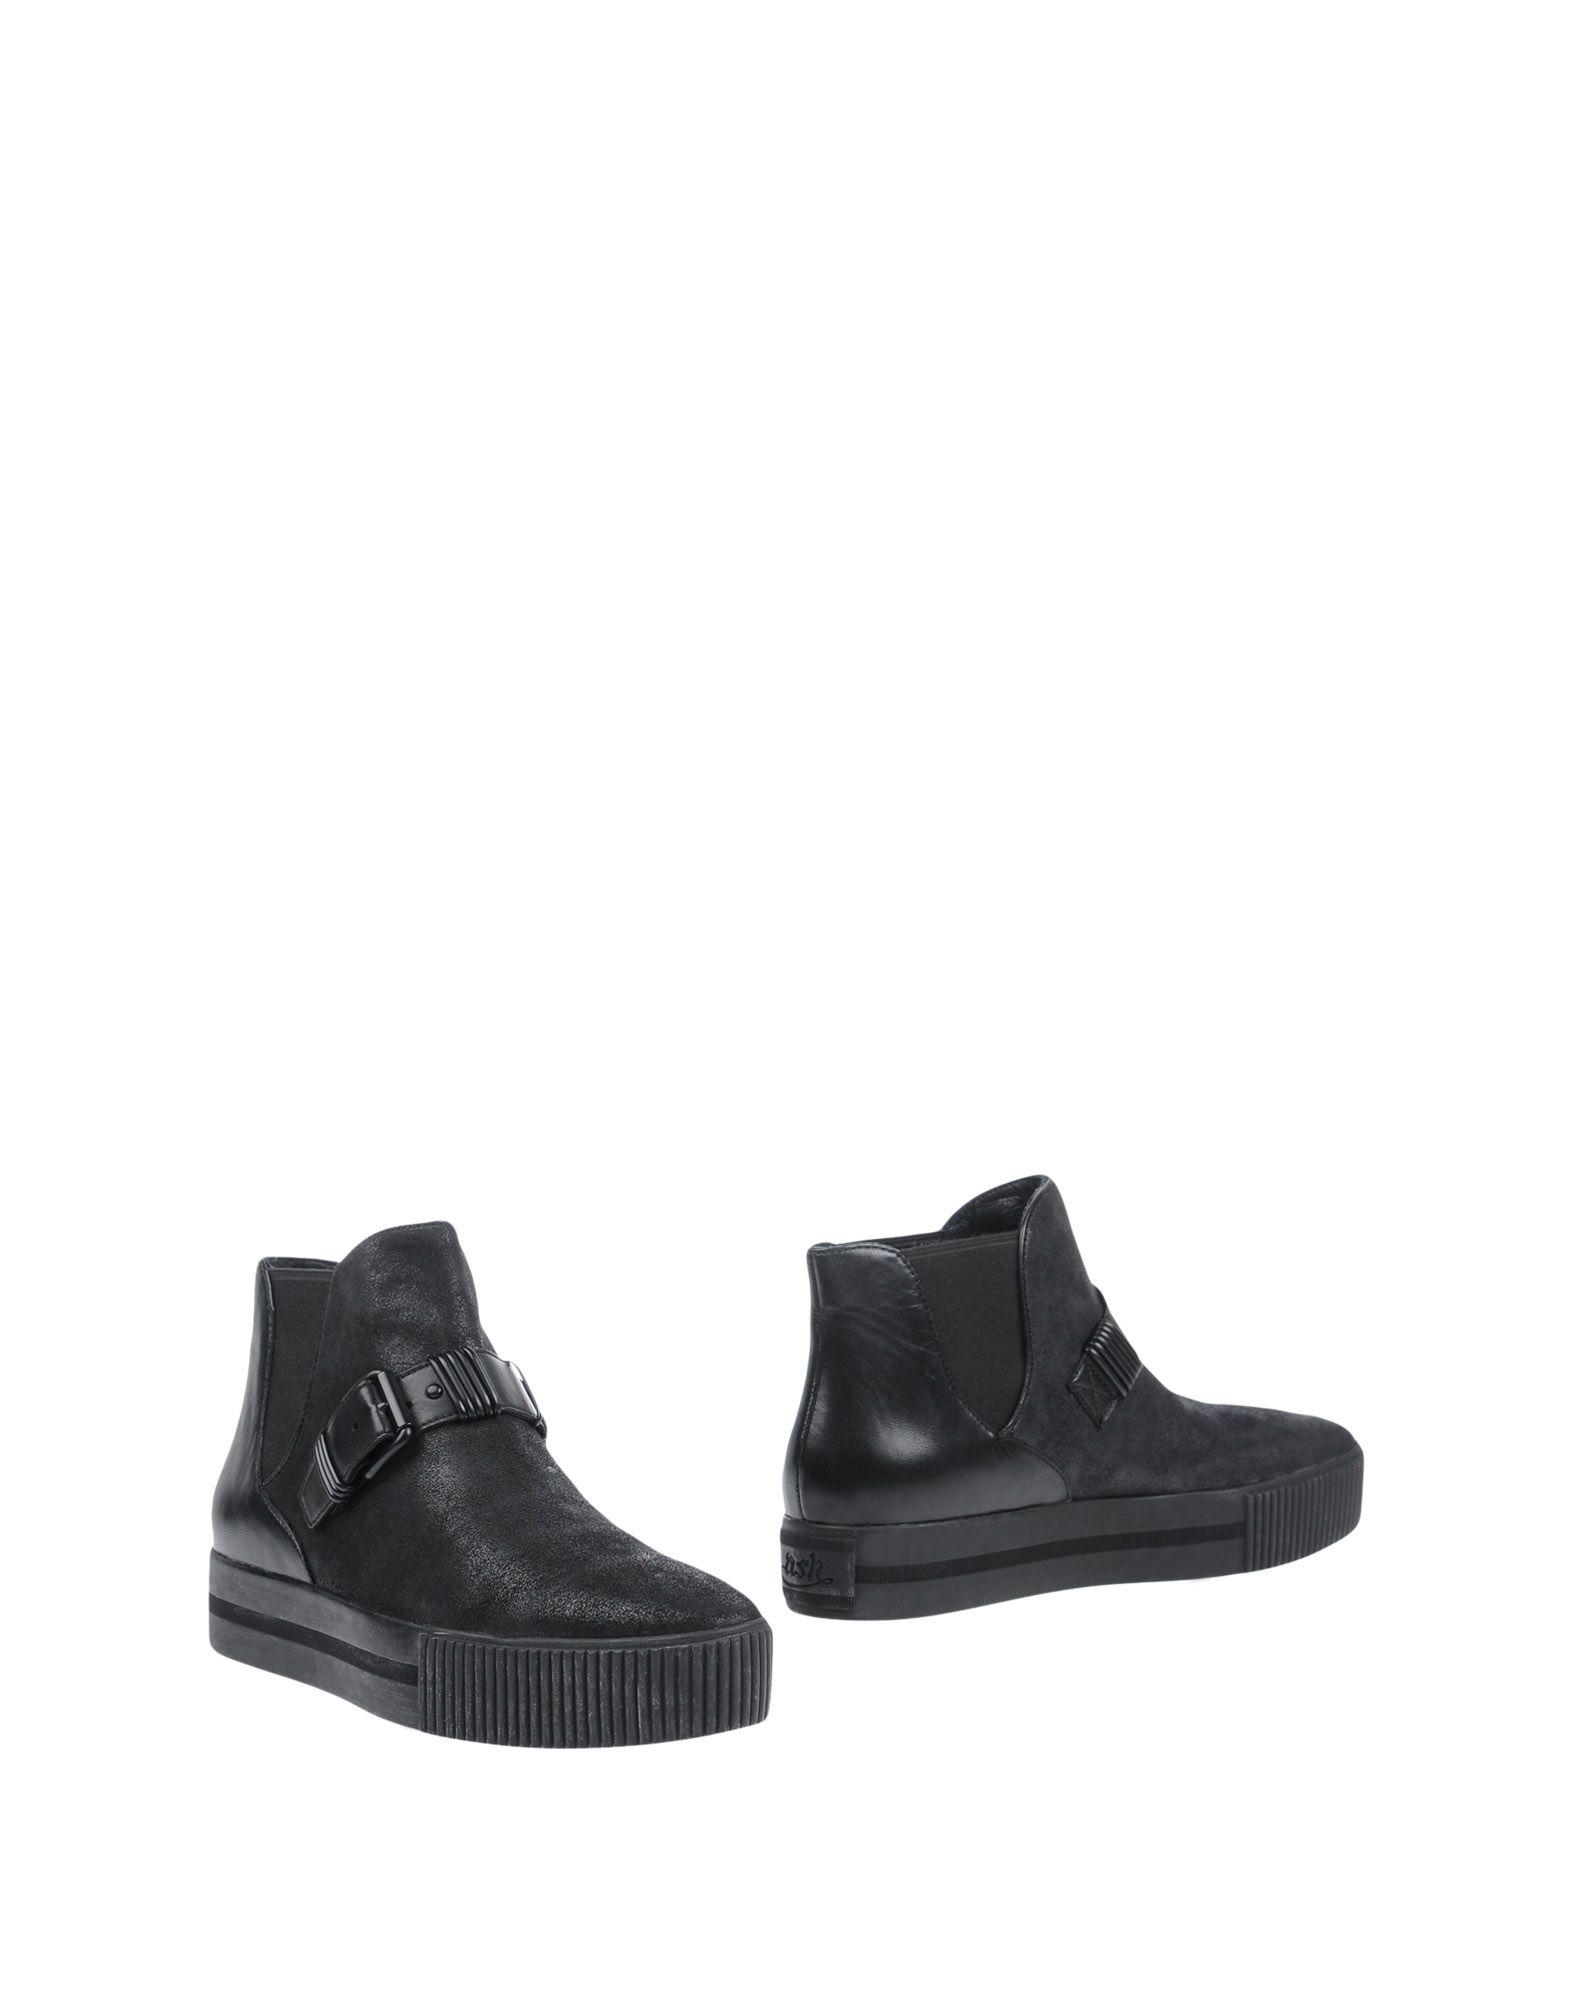 Ash Chelsea Boots Damen beliebte  11157370FR Gute Qualität beliebte Damen Schuhe 4f4f68